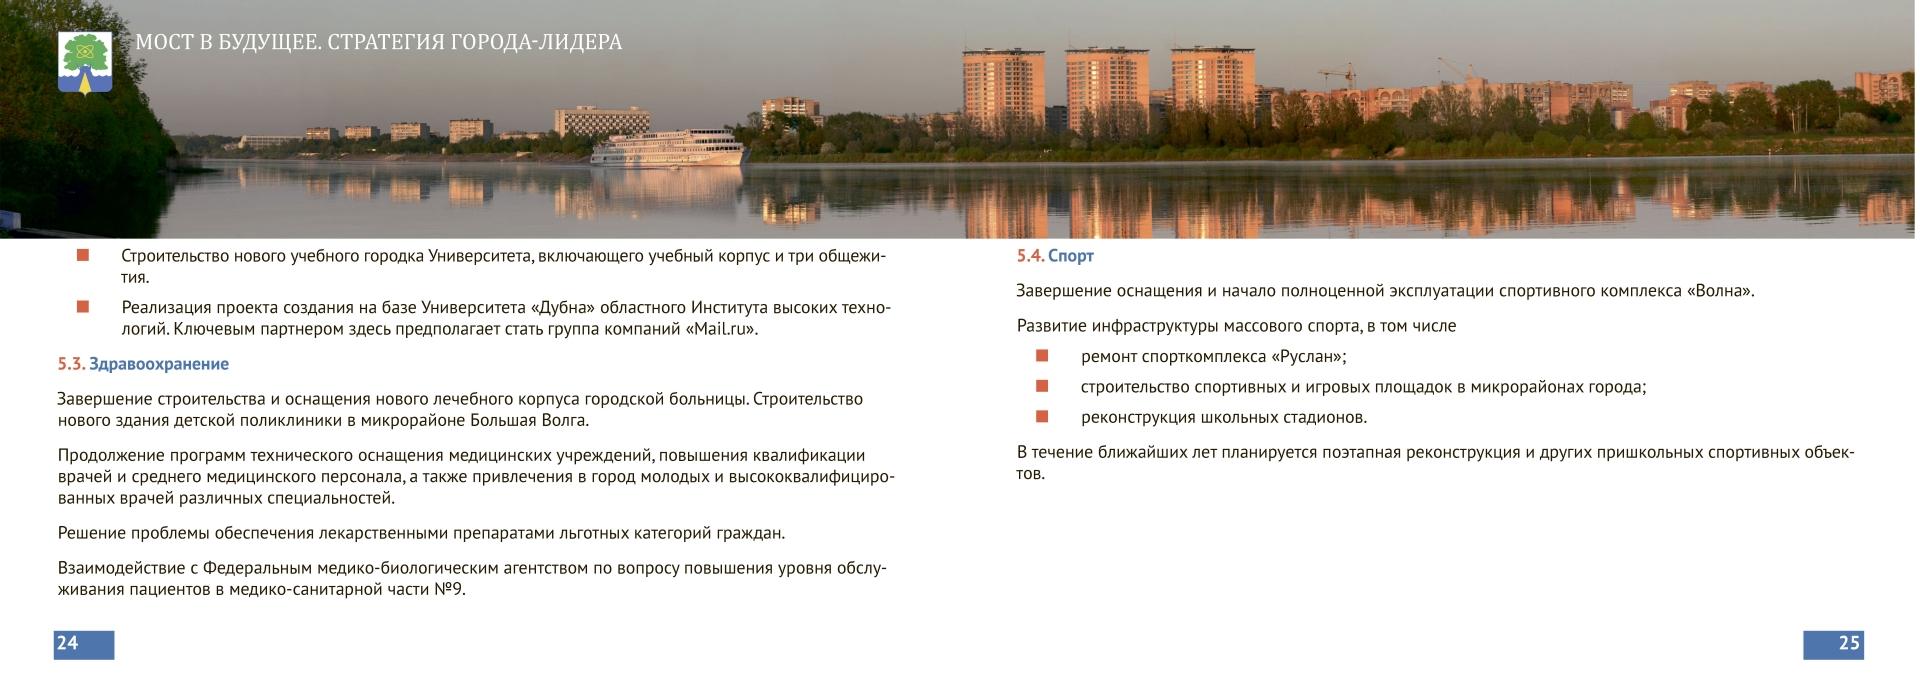 DTS_032_Страница_12